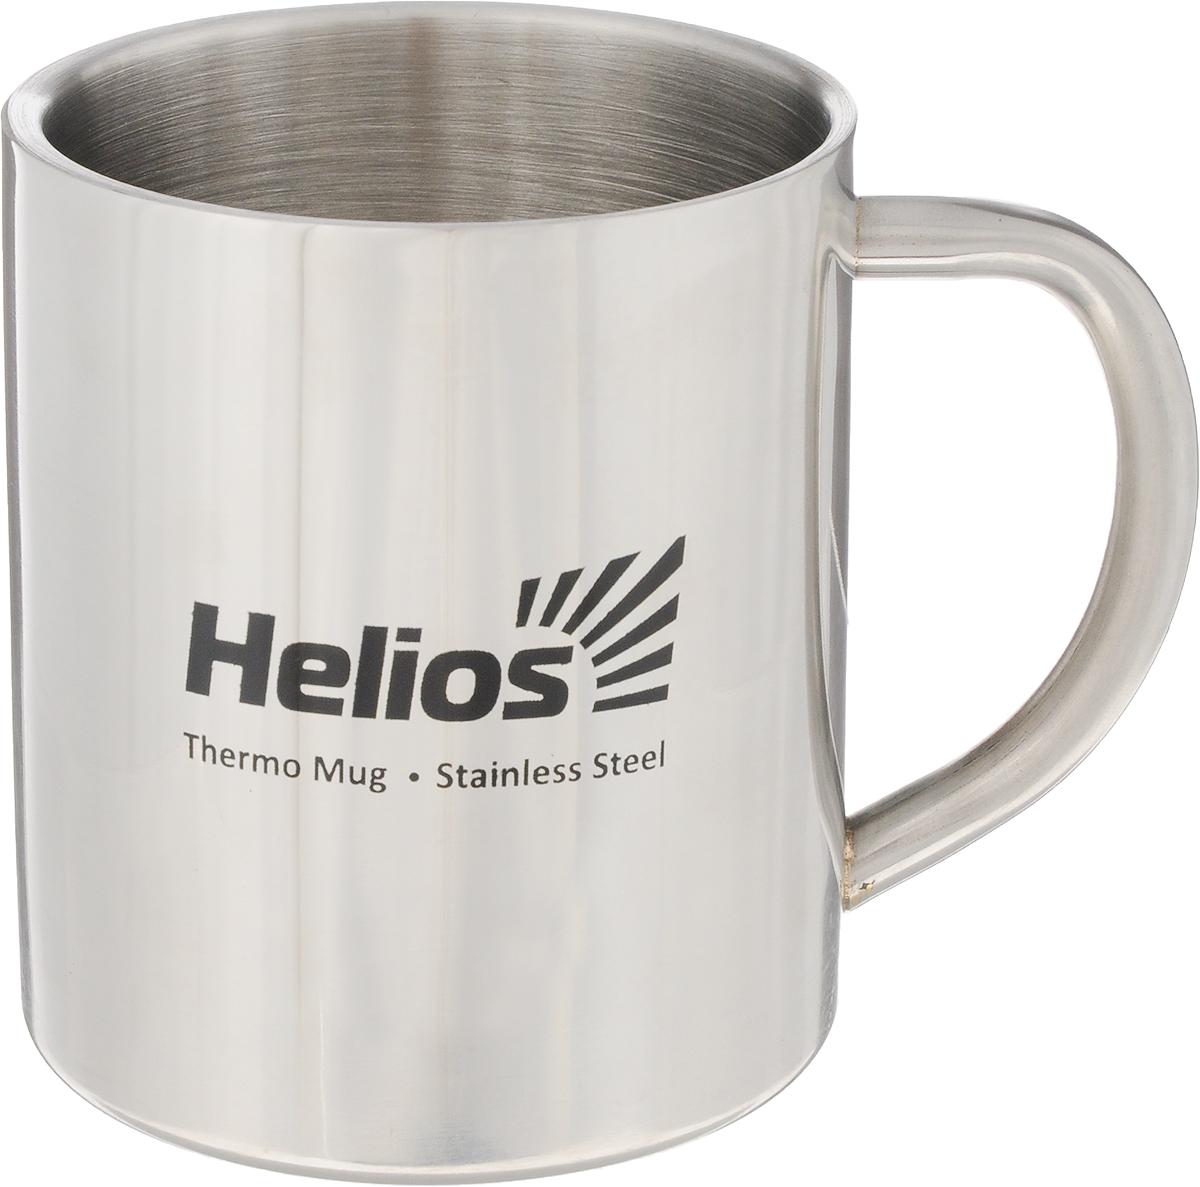 Термокружка Helios HS TK-009, 300 мл128986Термокружка Helios HS TK-009 предназначена специально для горячих и холодных напитков. Она изготовлена из высококачественной нержавеющей стали. Двойная стенка гарантирует долгое сохранение температуры и убережет от ожогов при заваривании чая или кофе. Такая кружка прекрасно сохраняет свою целостность и первозданный вид даже при многократном использовании. Диаметр кружки (по верхнему краю): 7,5 см. Высота кружки: 9 см.